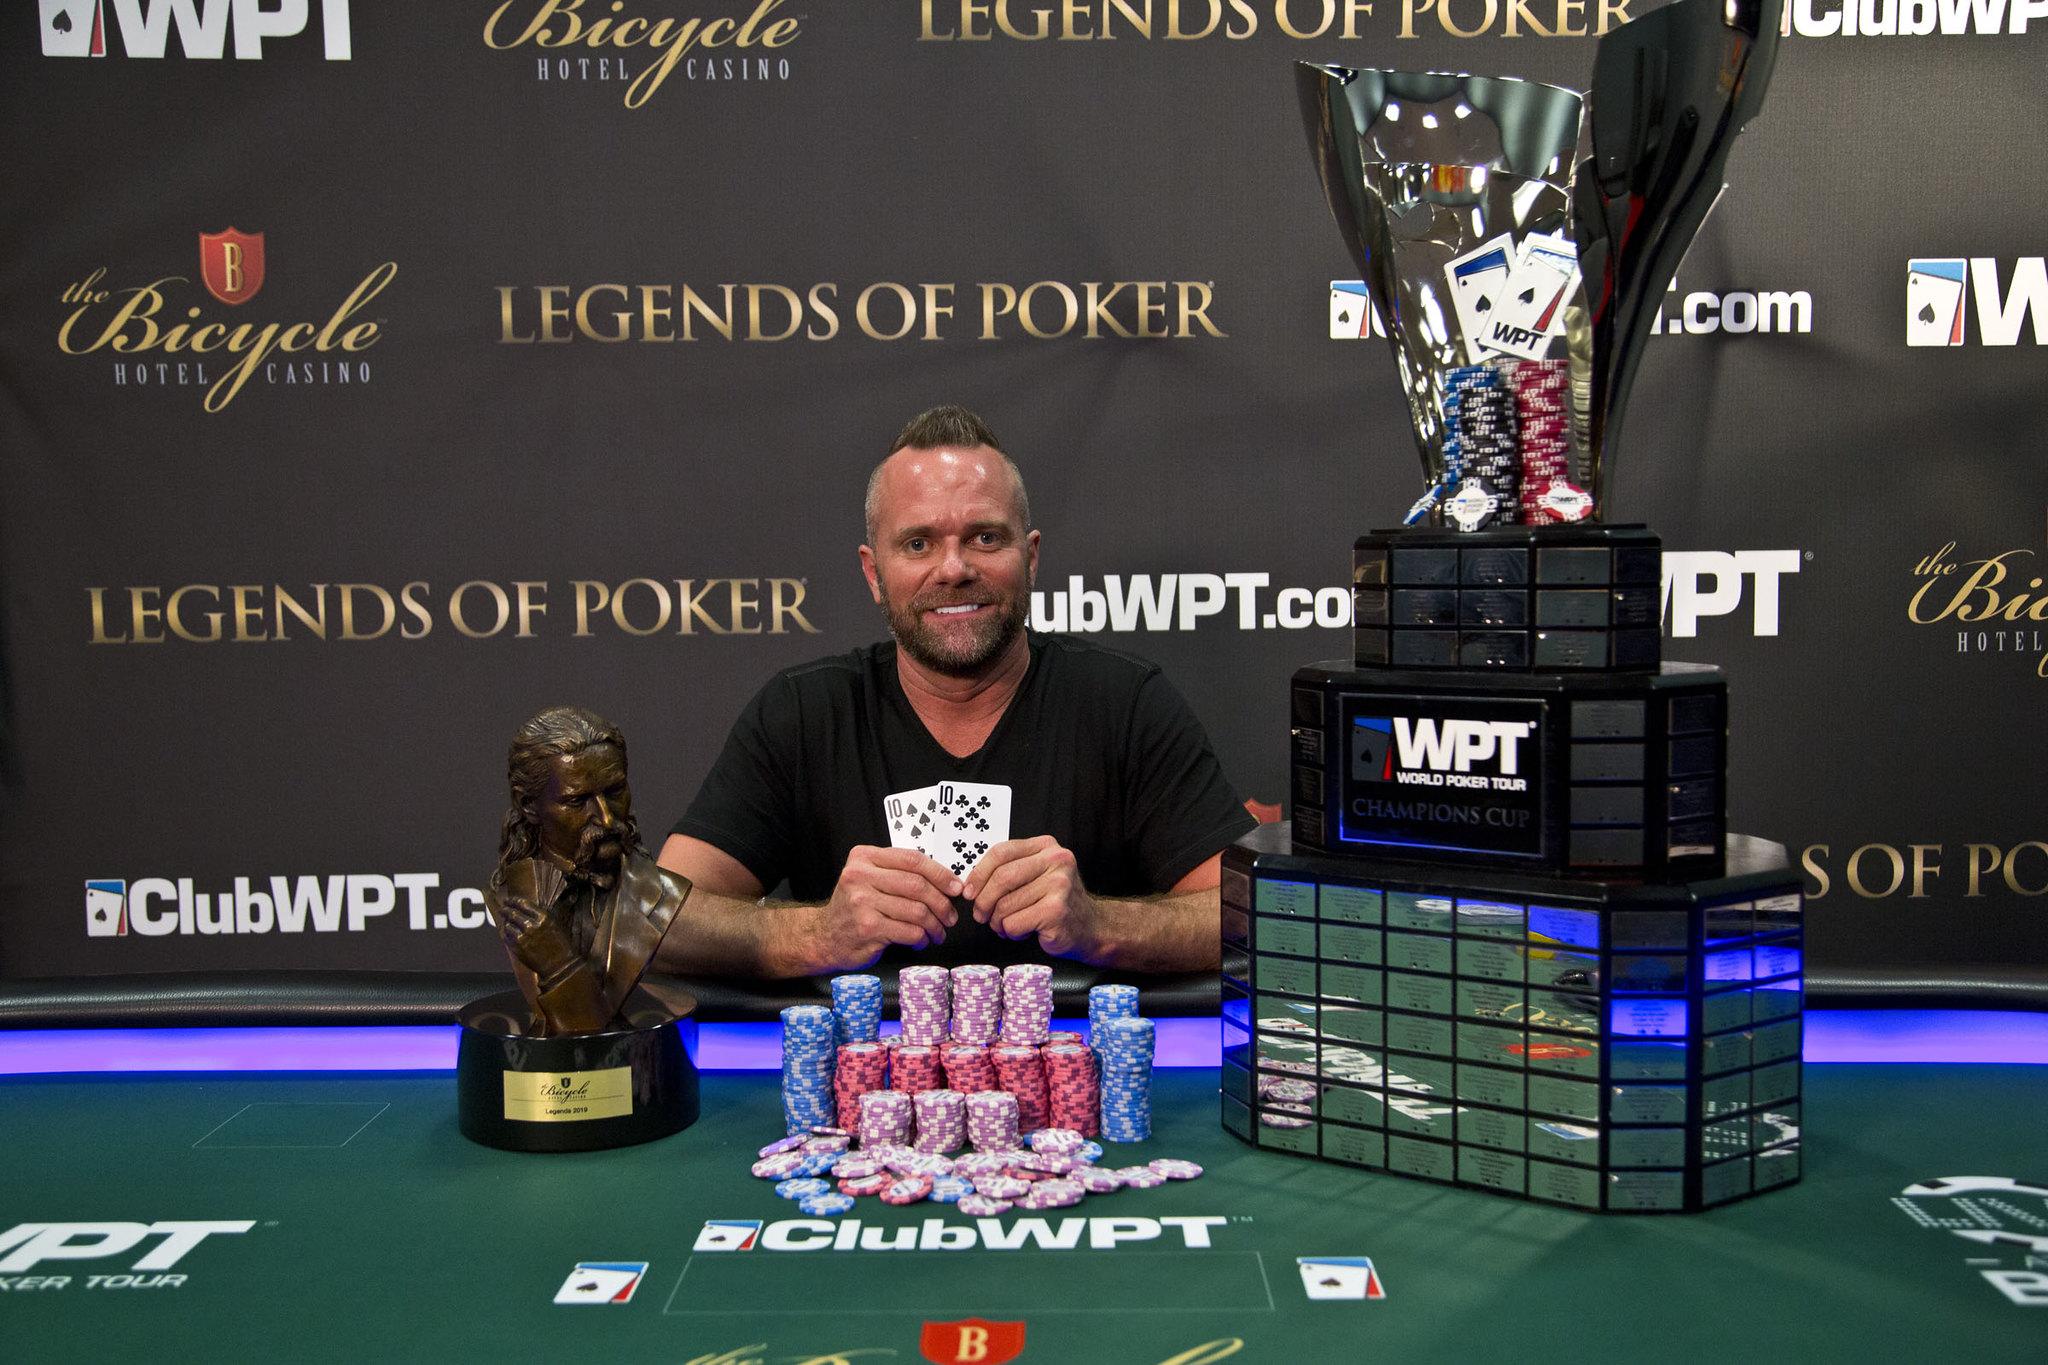 Aaron Van Blarcum WPT Legends Of Poker 2018-2019